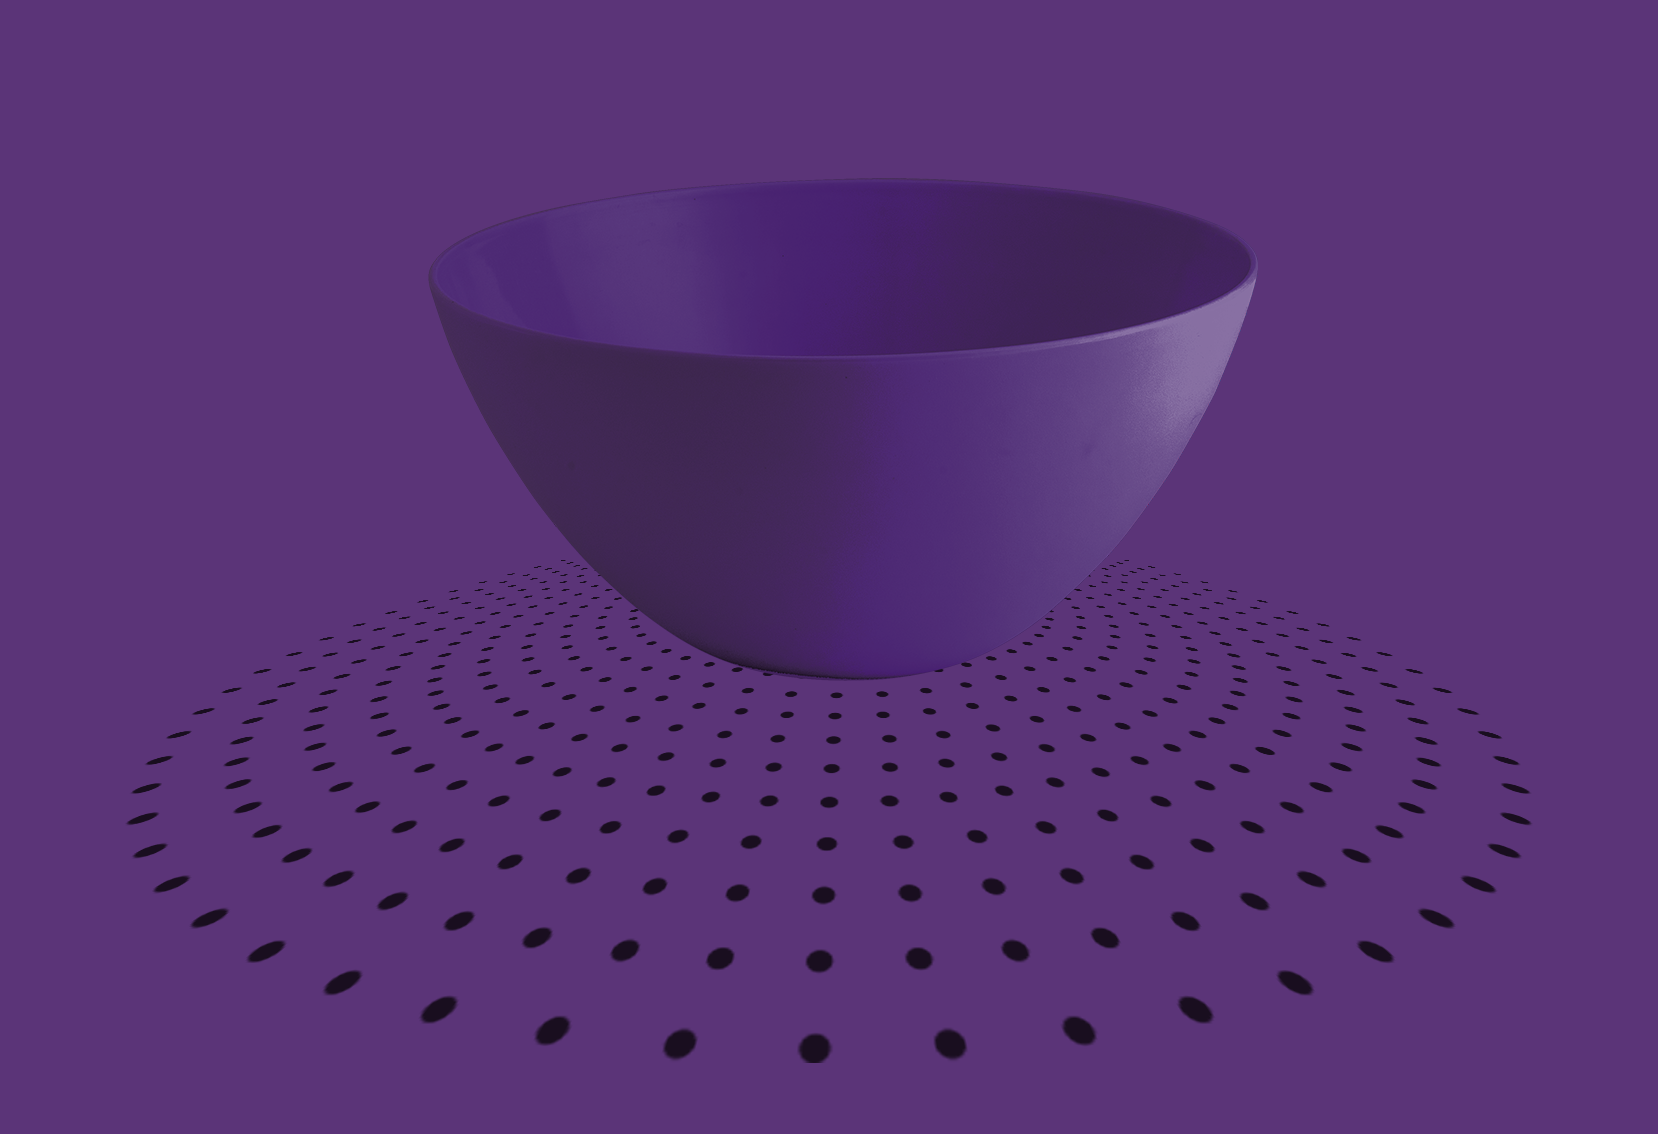 PatternPurple